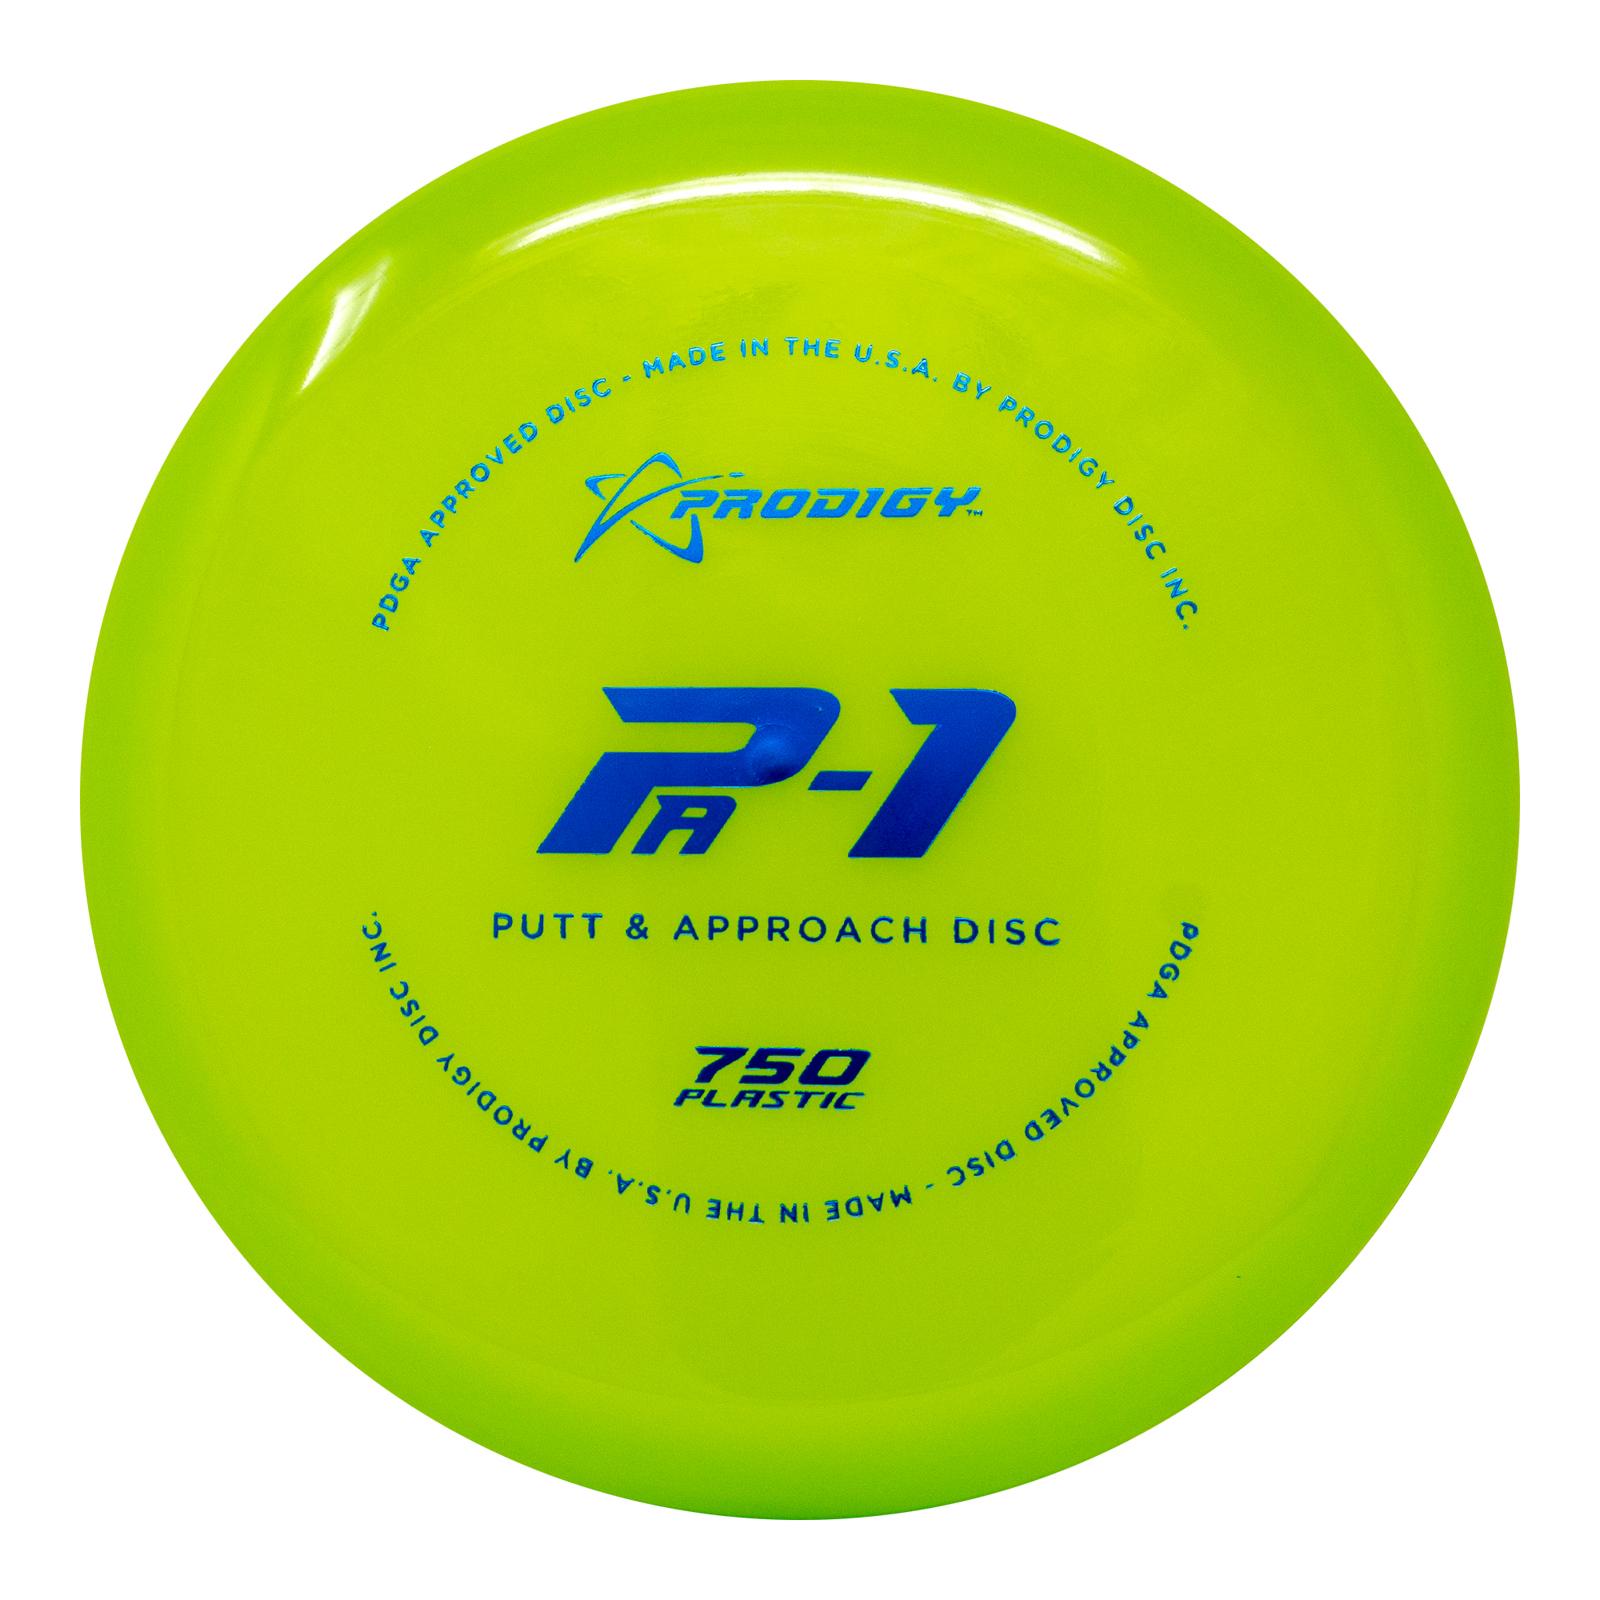 PA-1 - 750 PLASTIC